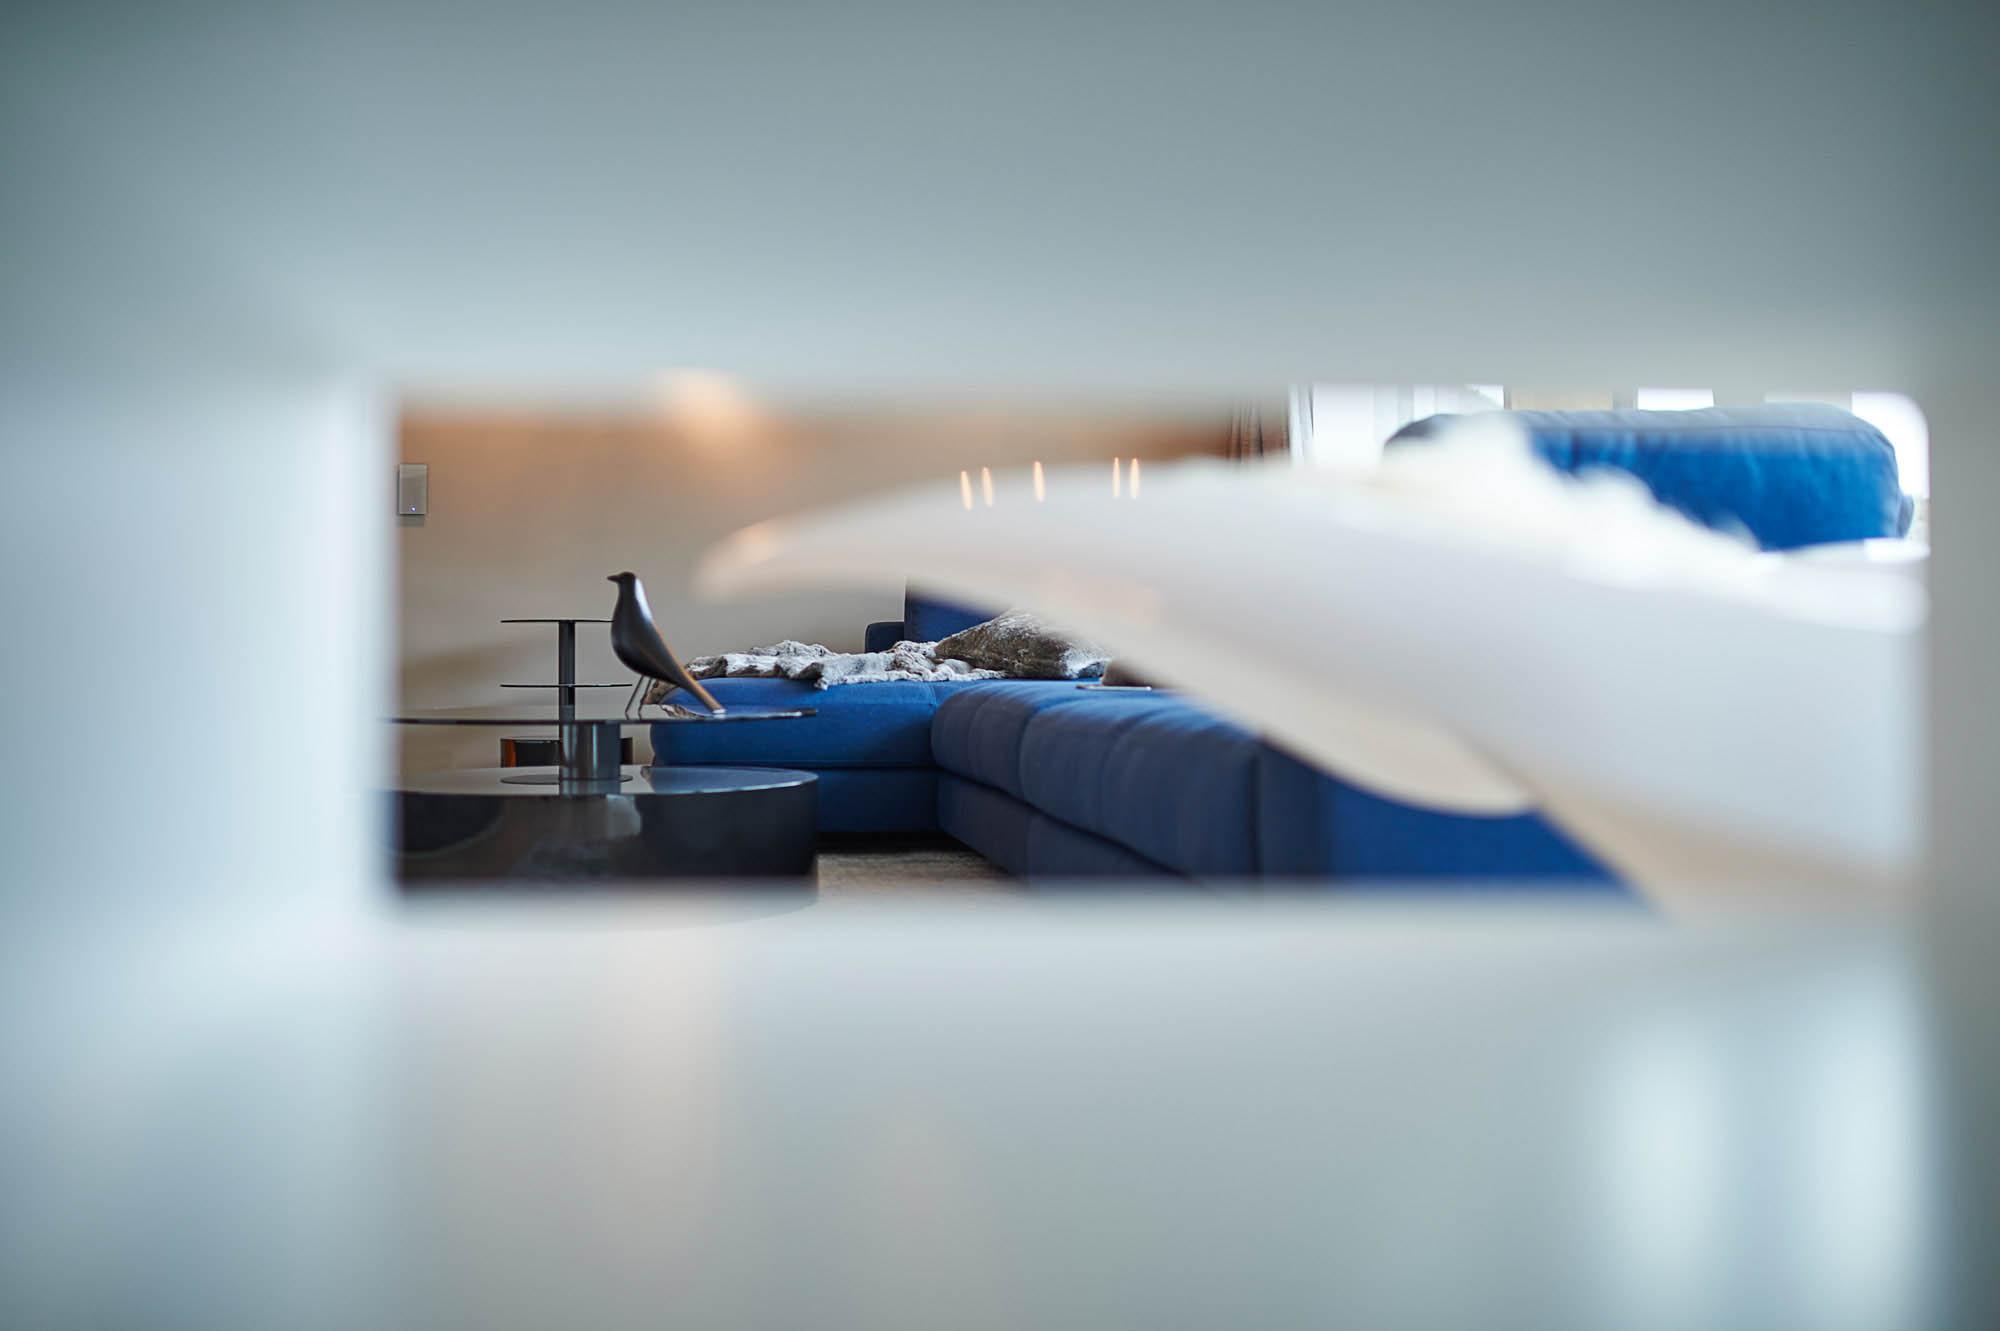 OPC 151128 1147 - Penthouse St. Moritz: Frisch eingerichtet, frisch abgelichtet